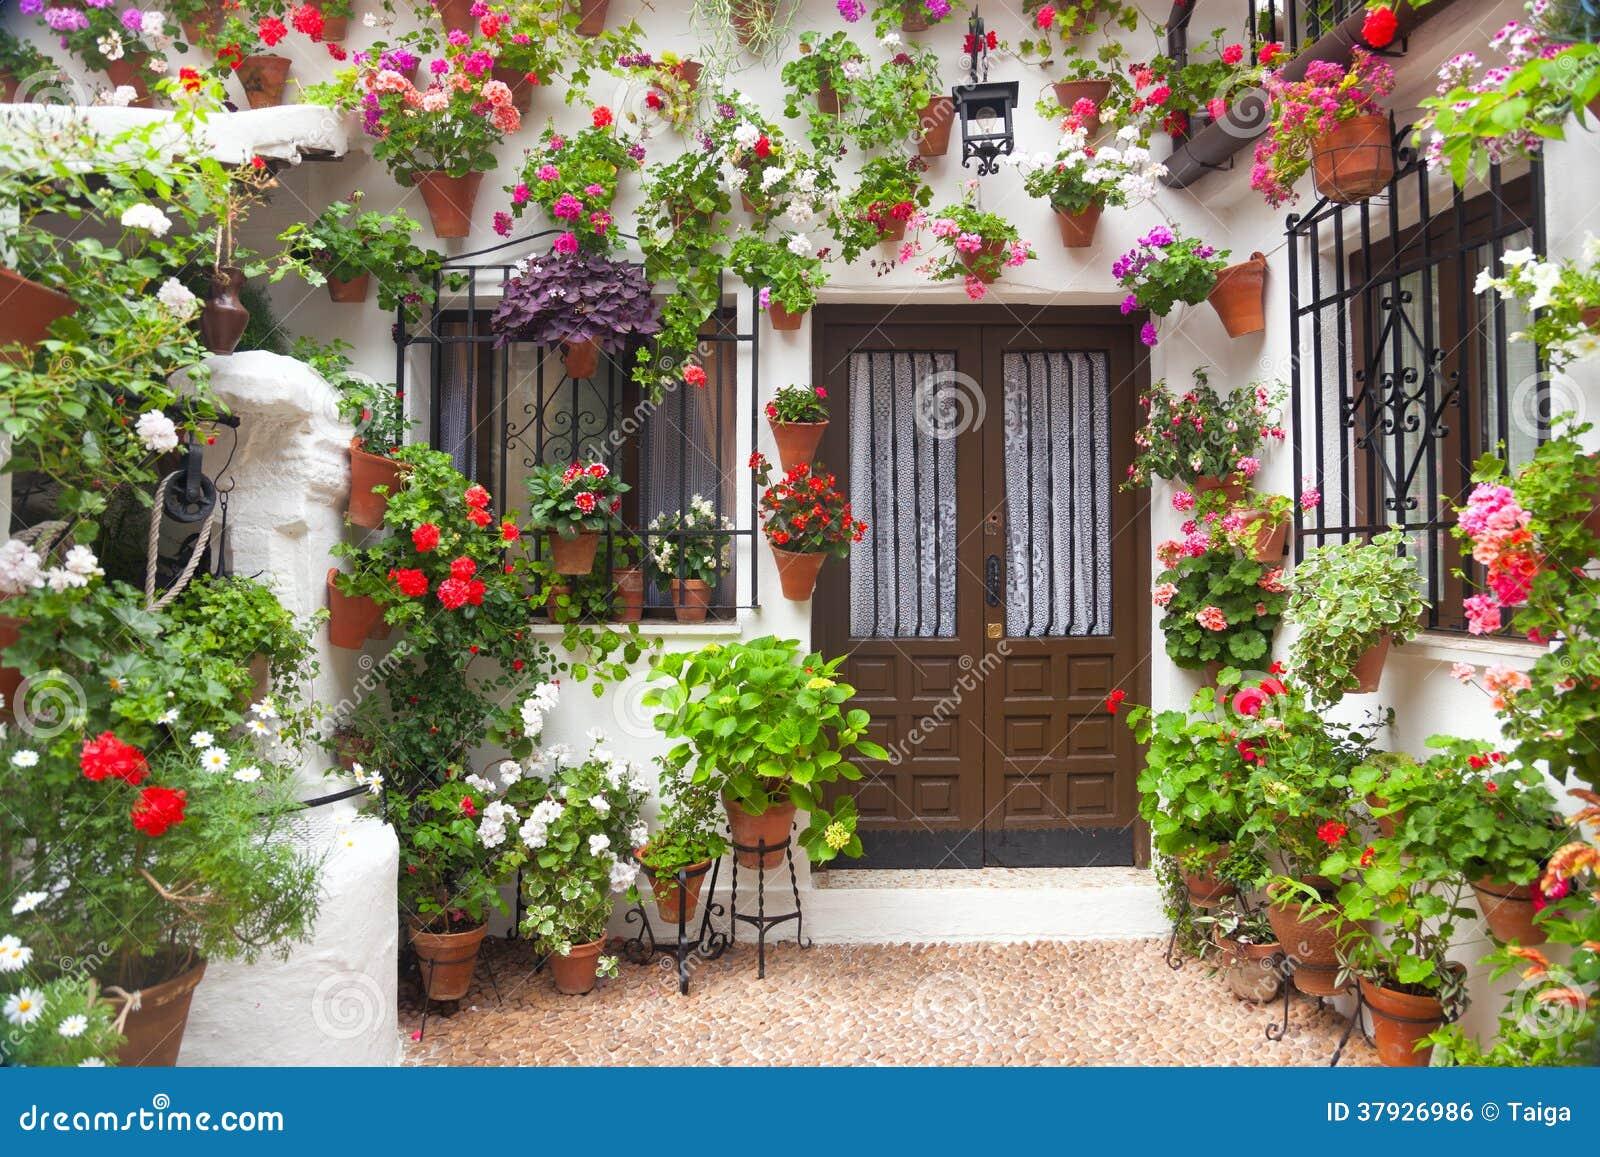 开花葡萄酒庭院,西班牙,欧洲的装饰